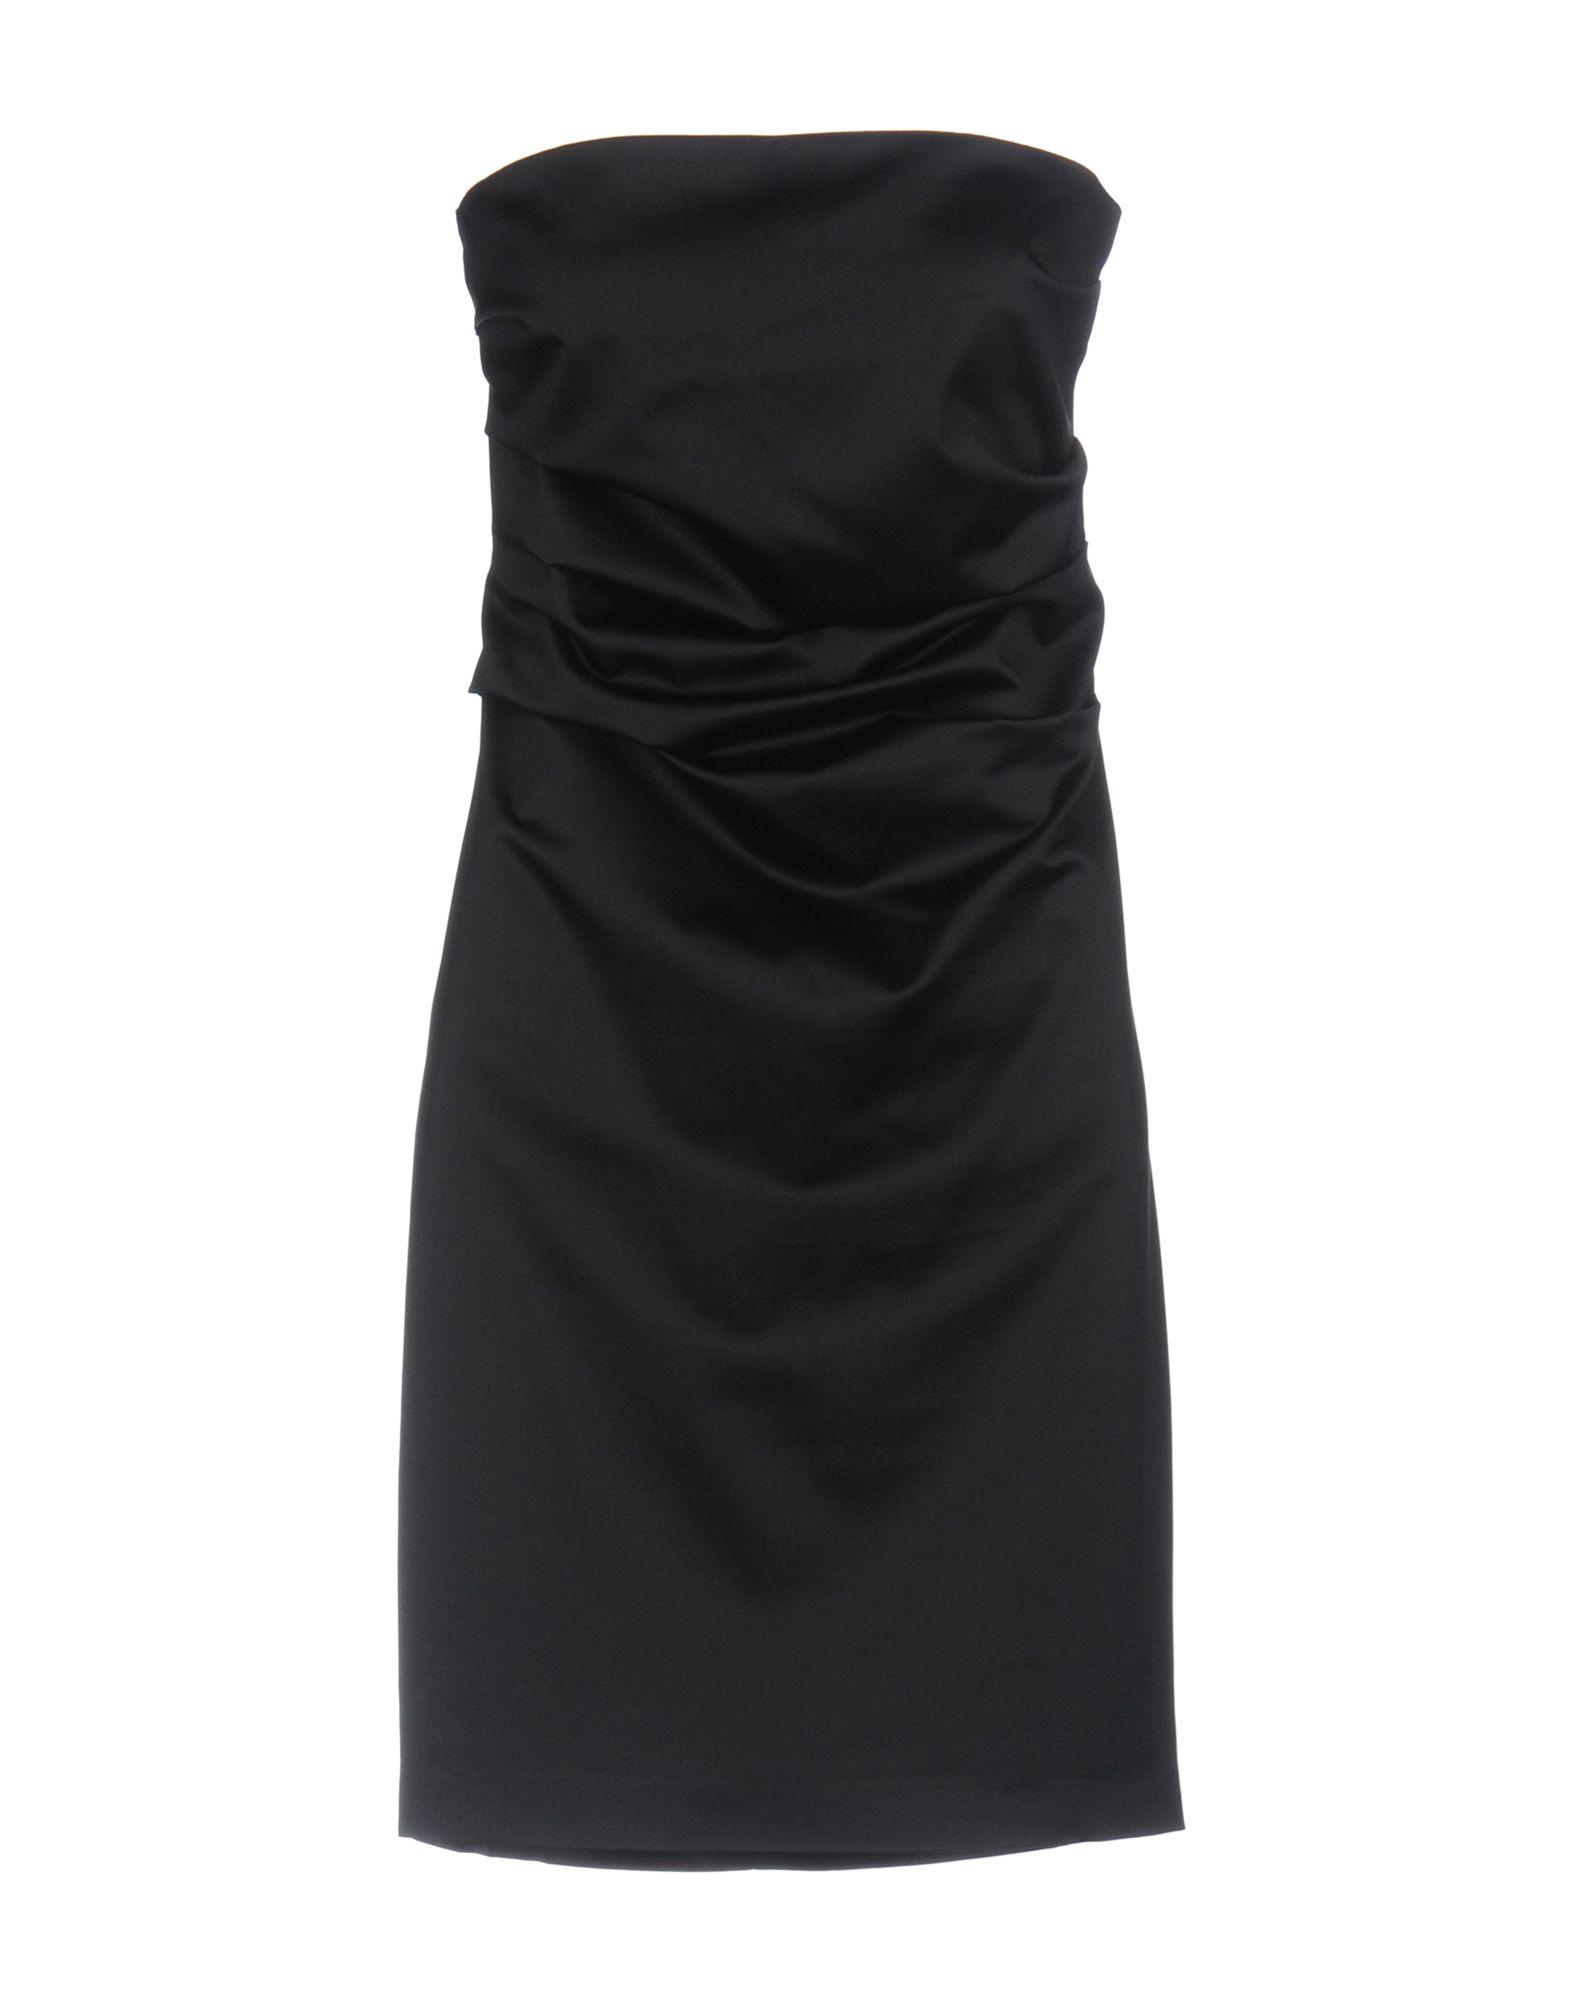 SHI 4 Короткое платье россия платье s 157 shi